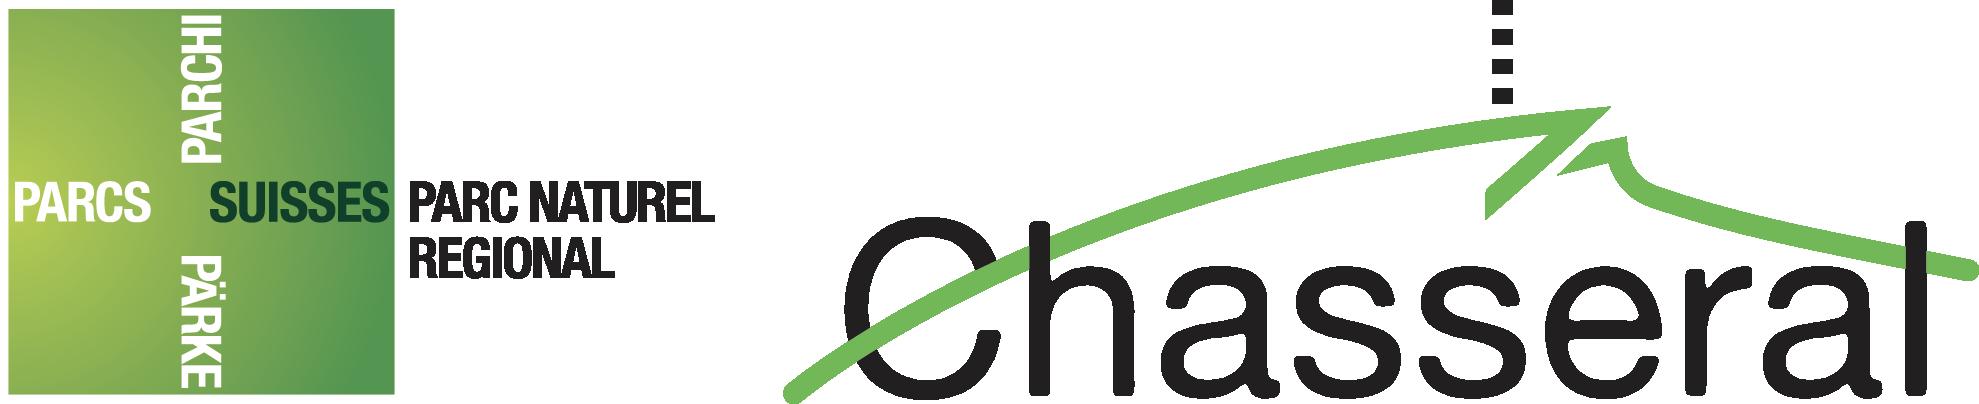 Parc naturel régional Chasseral